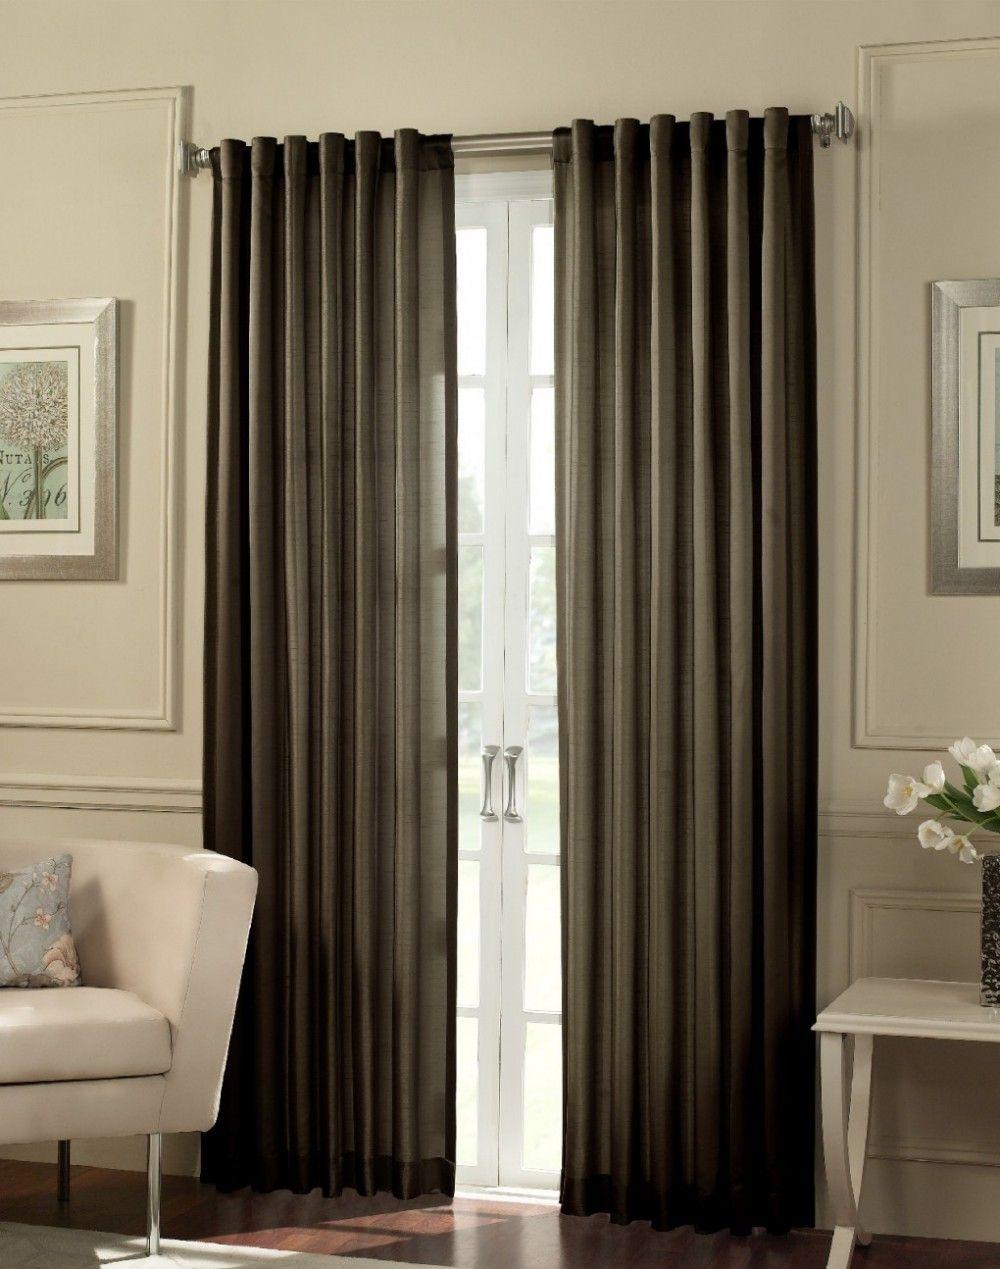 15 Modern Minimalist Curtains Decortez Curtains Living Room Living Room Decor Curtains Window Treatments Bedroom